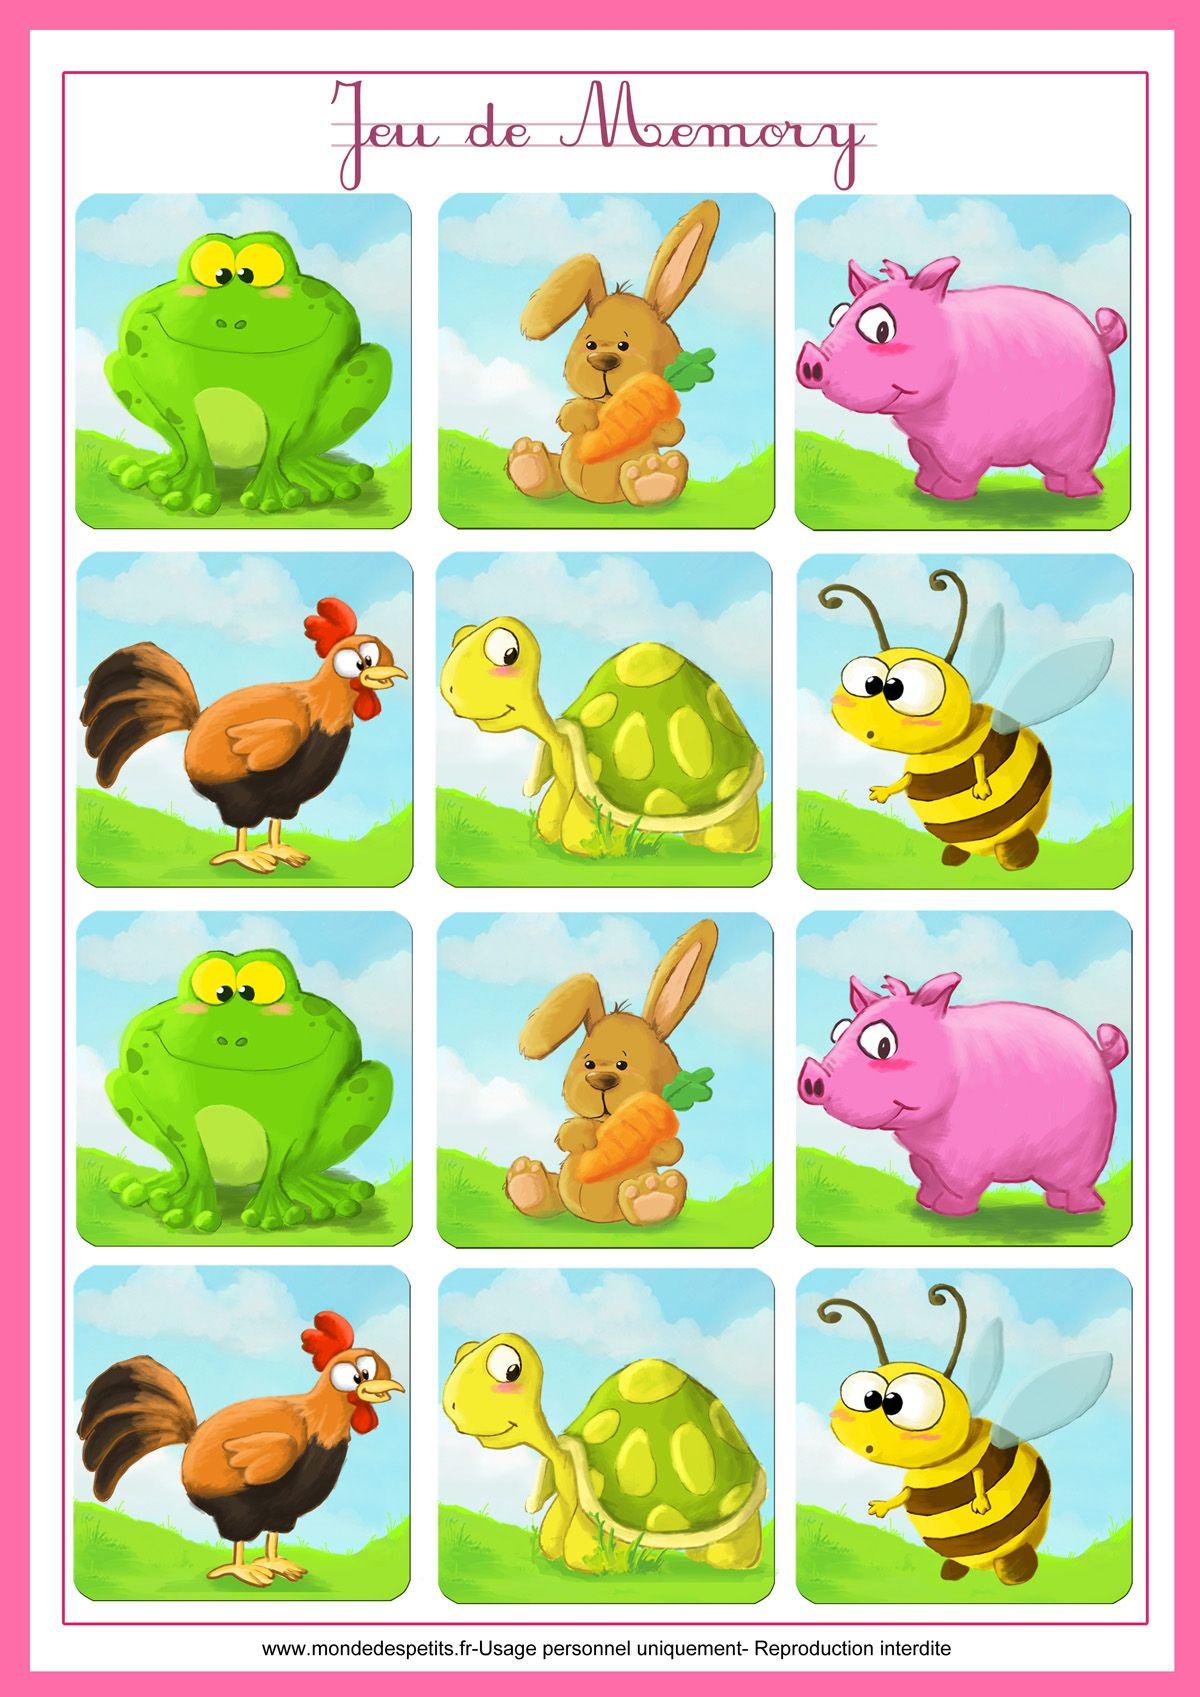 Jeu-Memory-Animaux-Imprimer 1 200×1 697 Пикс | Jeux De à Jeux Memoire Enfant